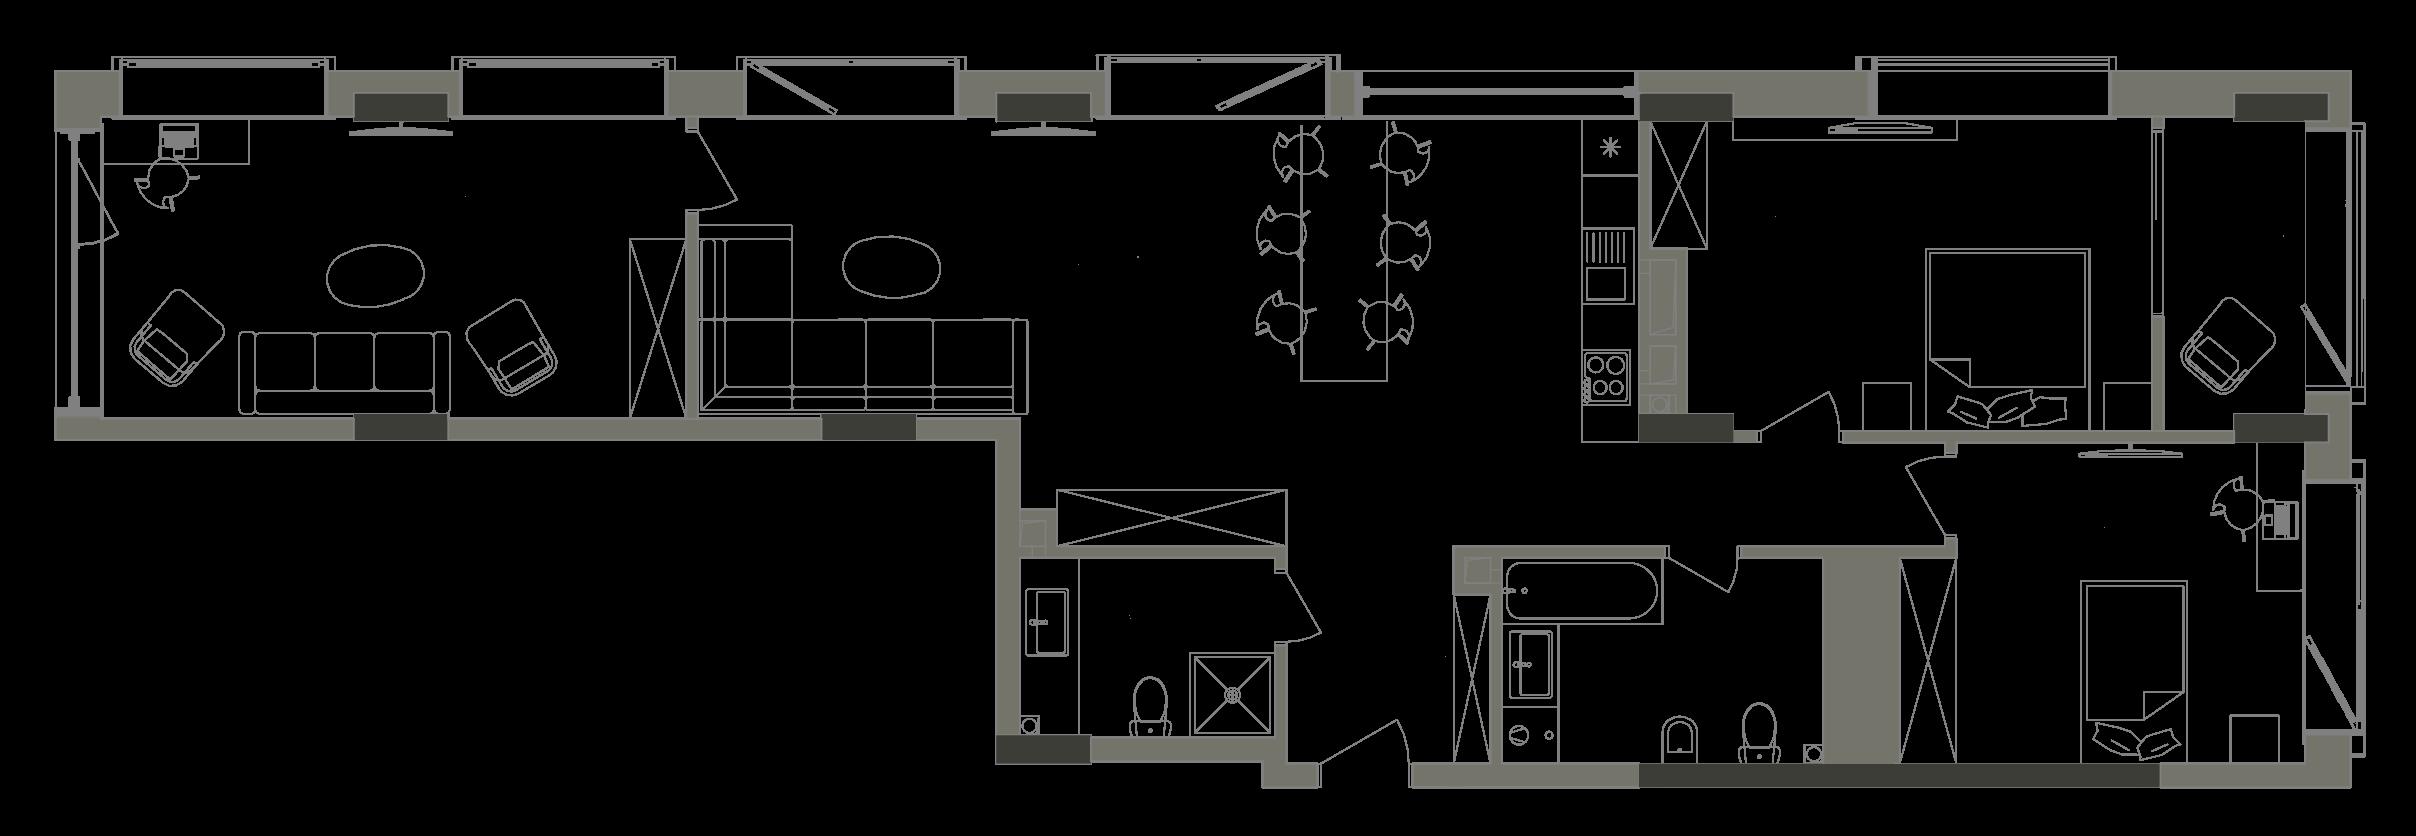 Квартира KV_69_3V_1_1_6